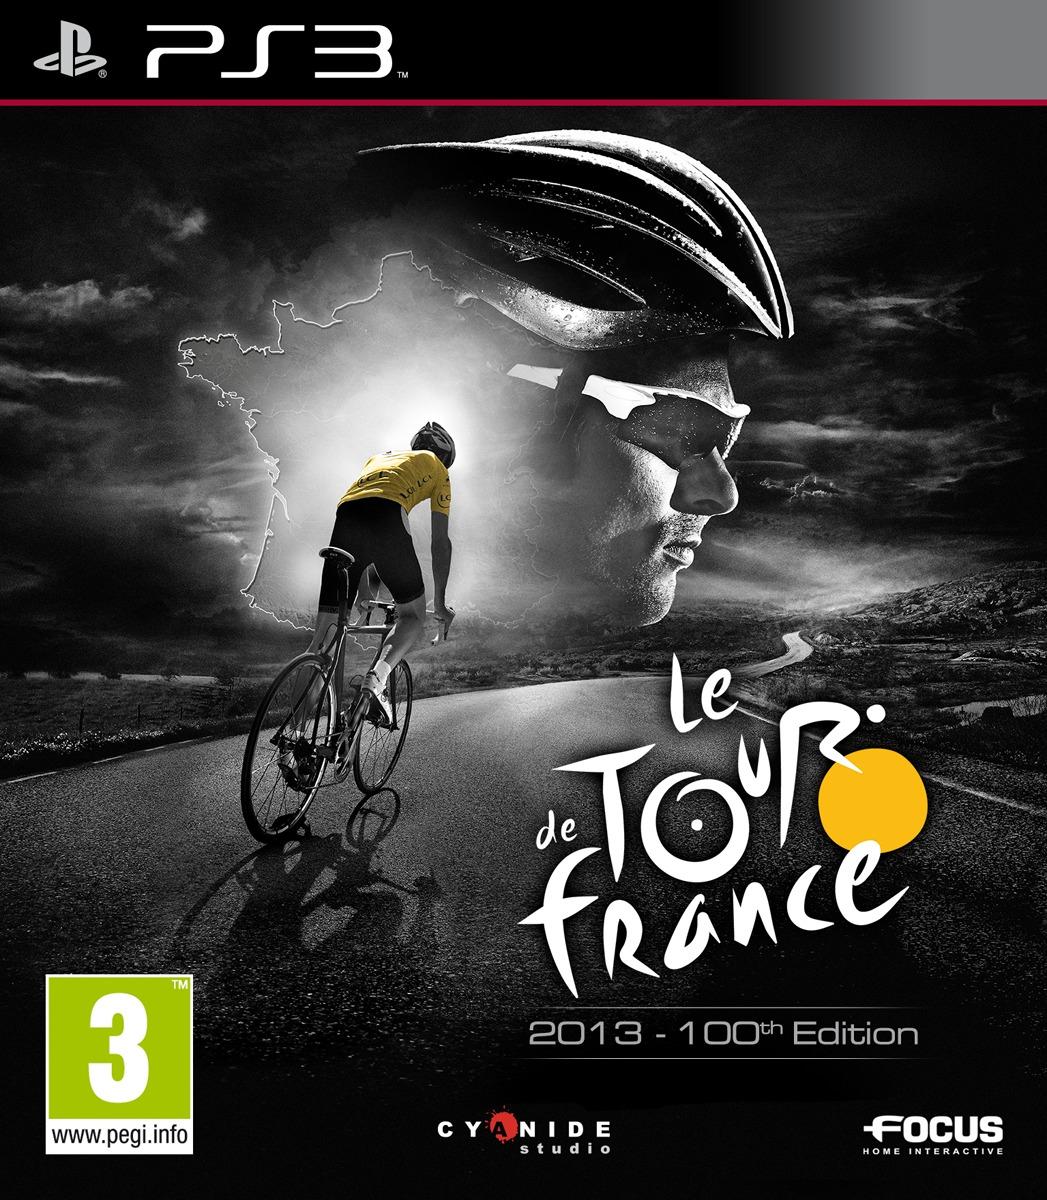 Trailer vidéo de Présentation : Tour de France 2013